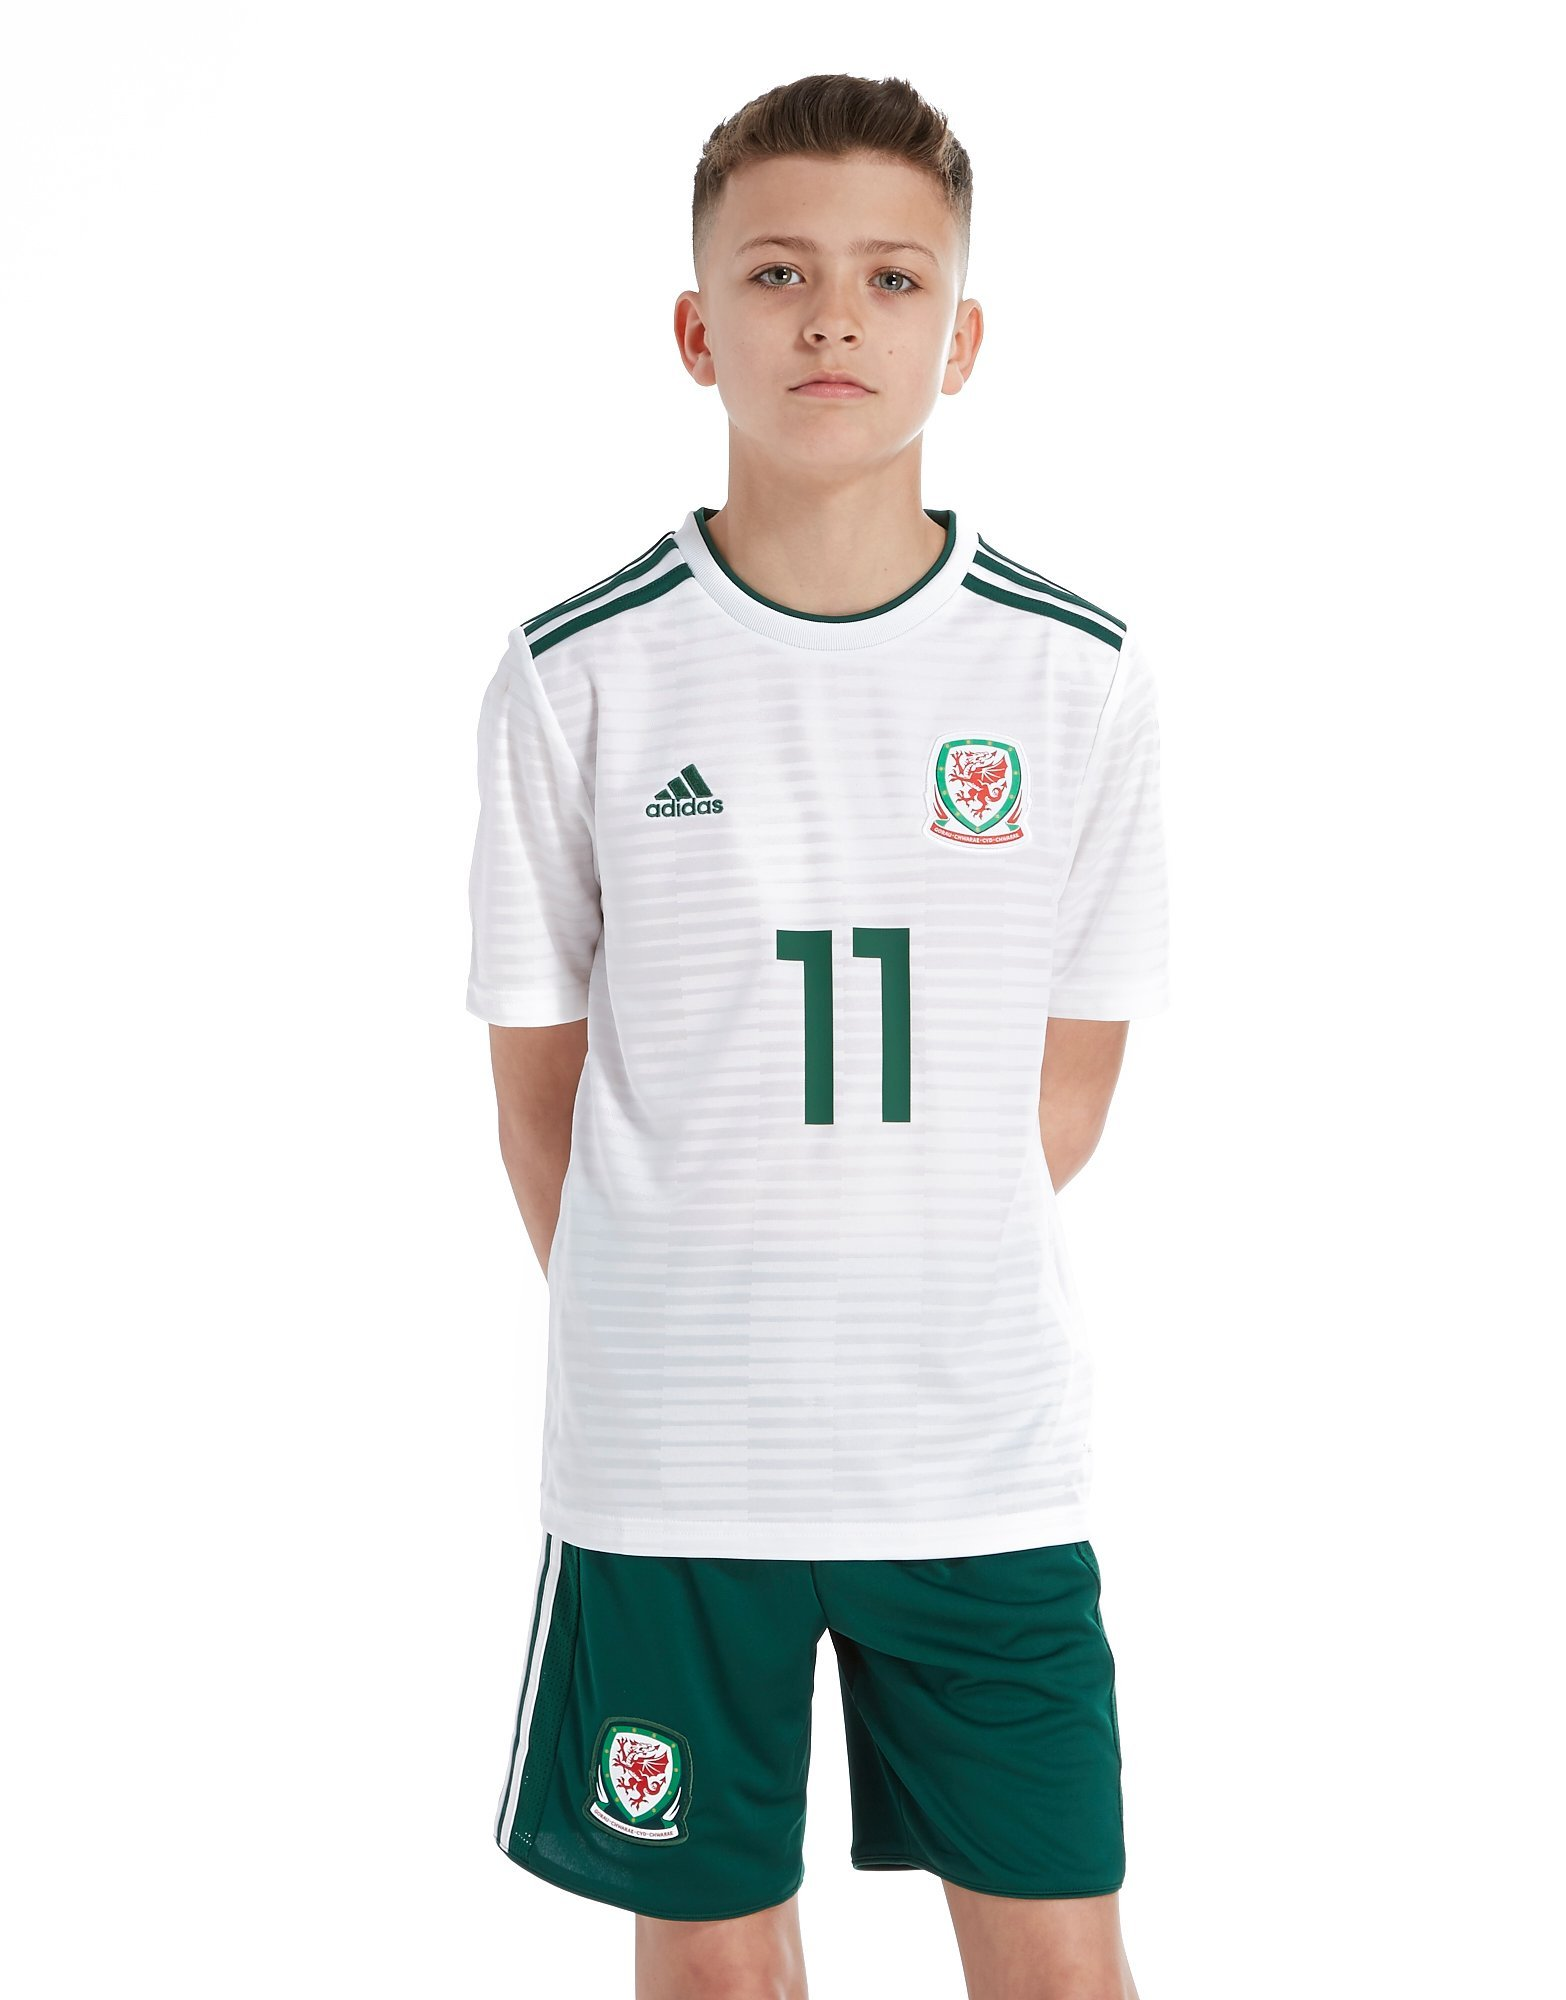 adidas Wales Away 2018/19 Shorts Junior